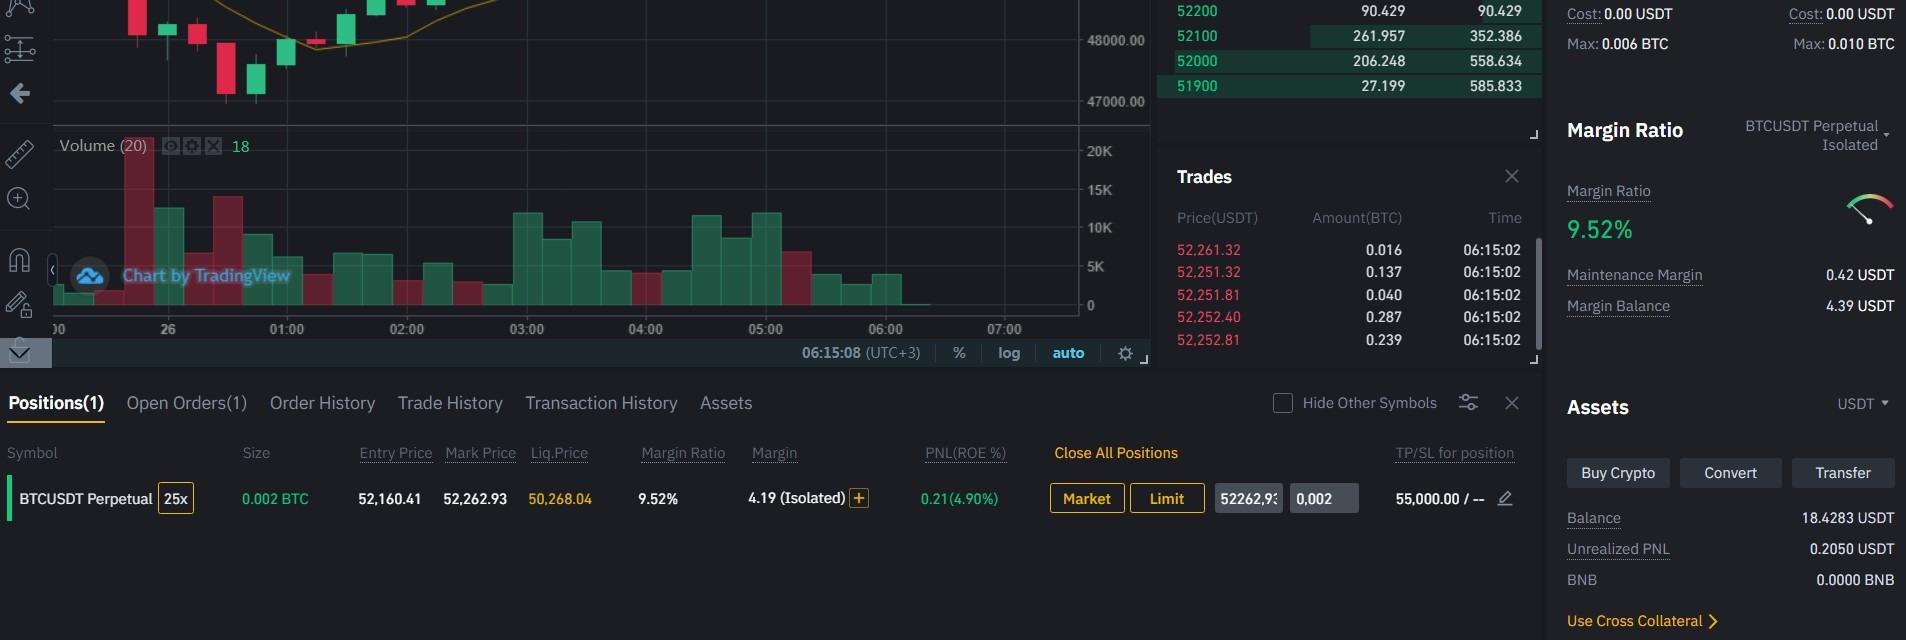 Bitcoin Trader - La truffa delle criptovalute? Opinioni e Recensioni